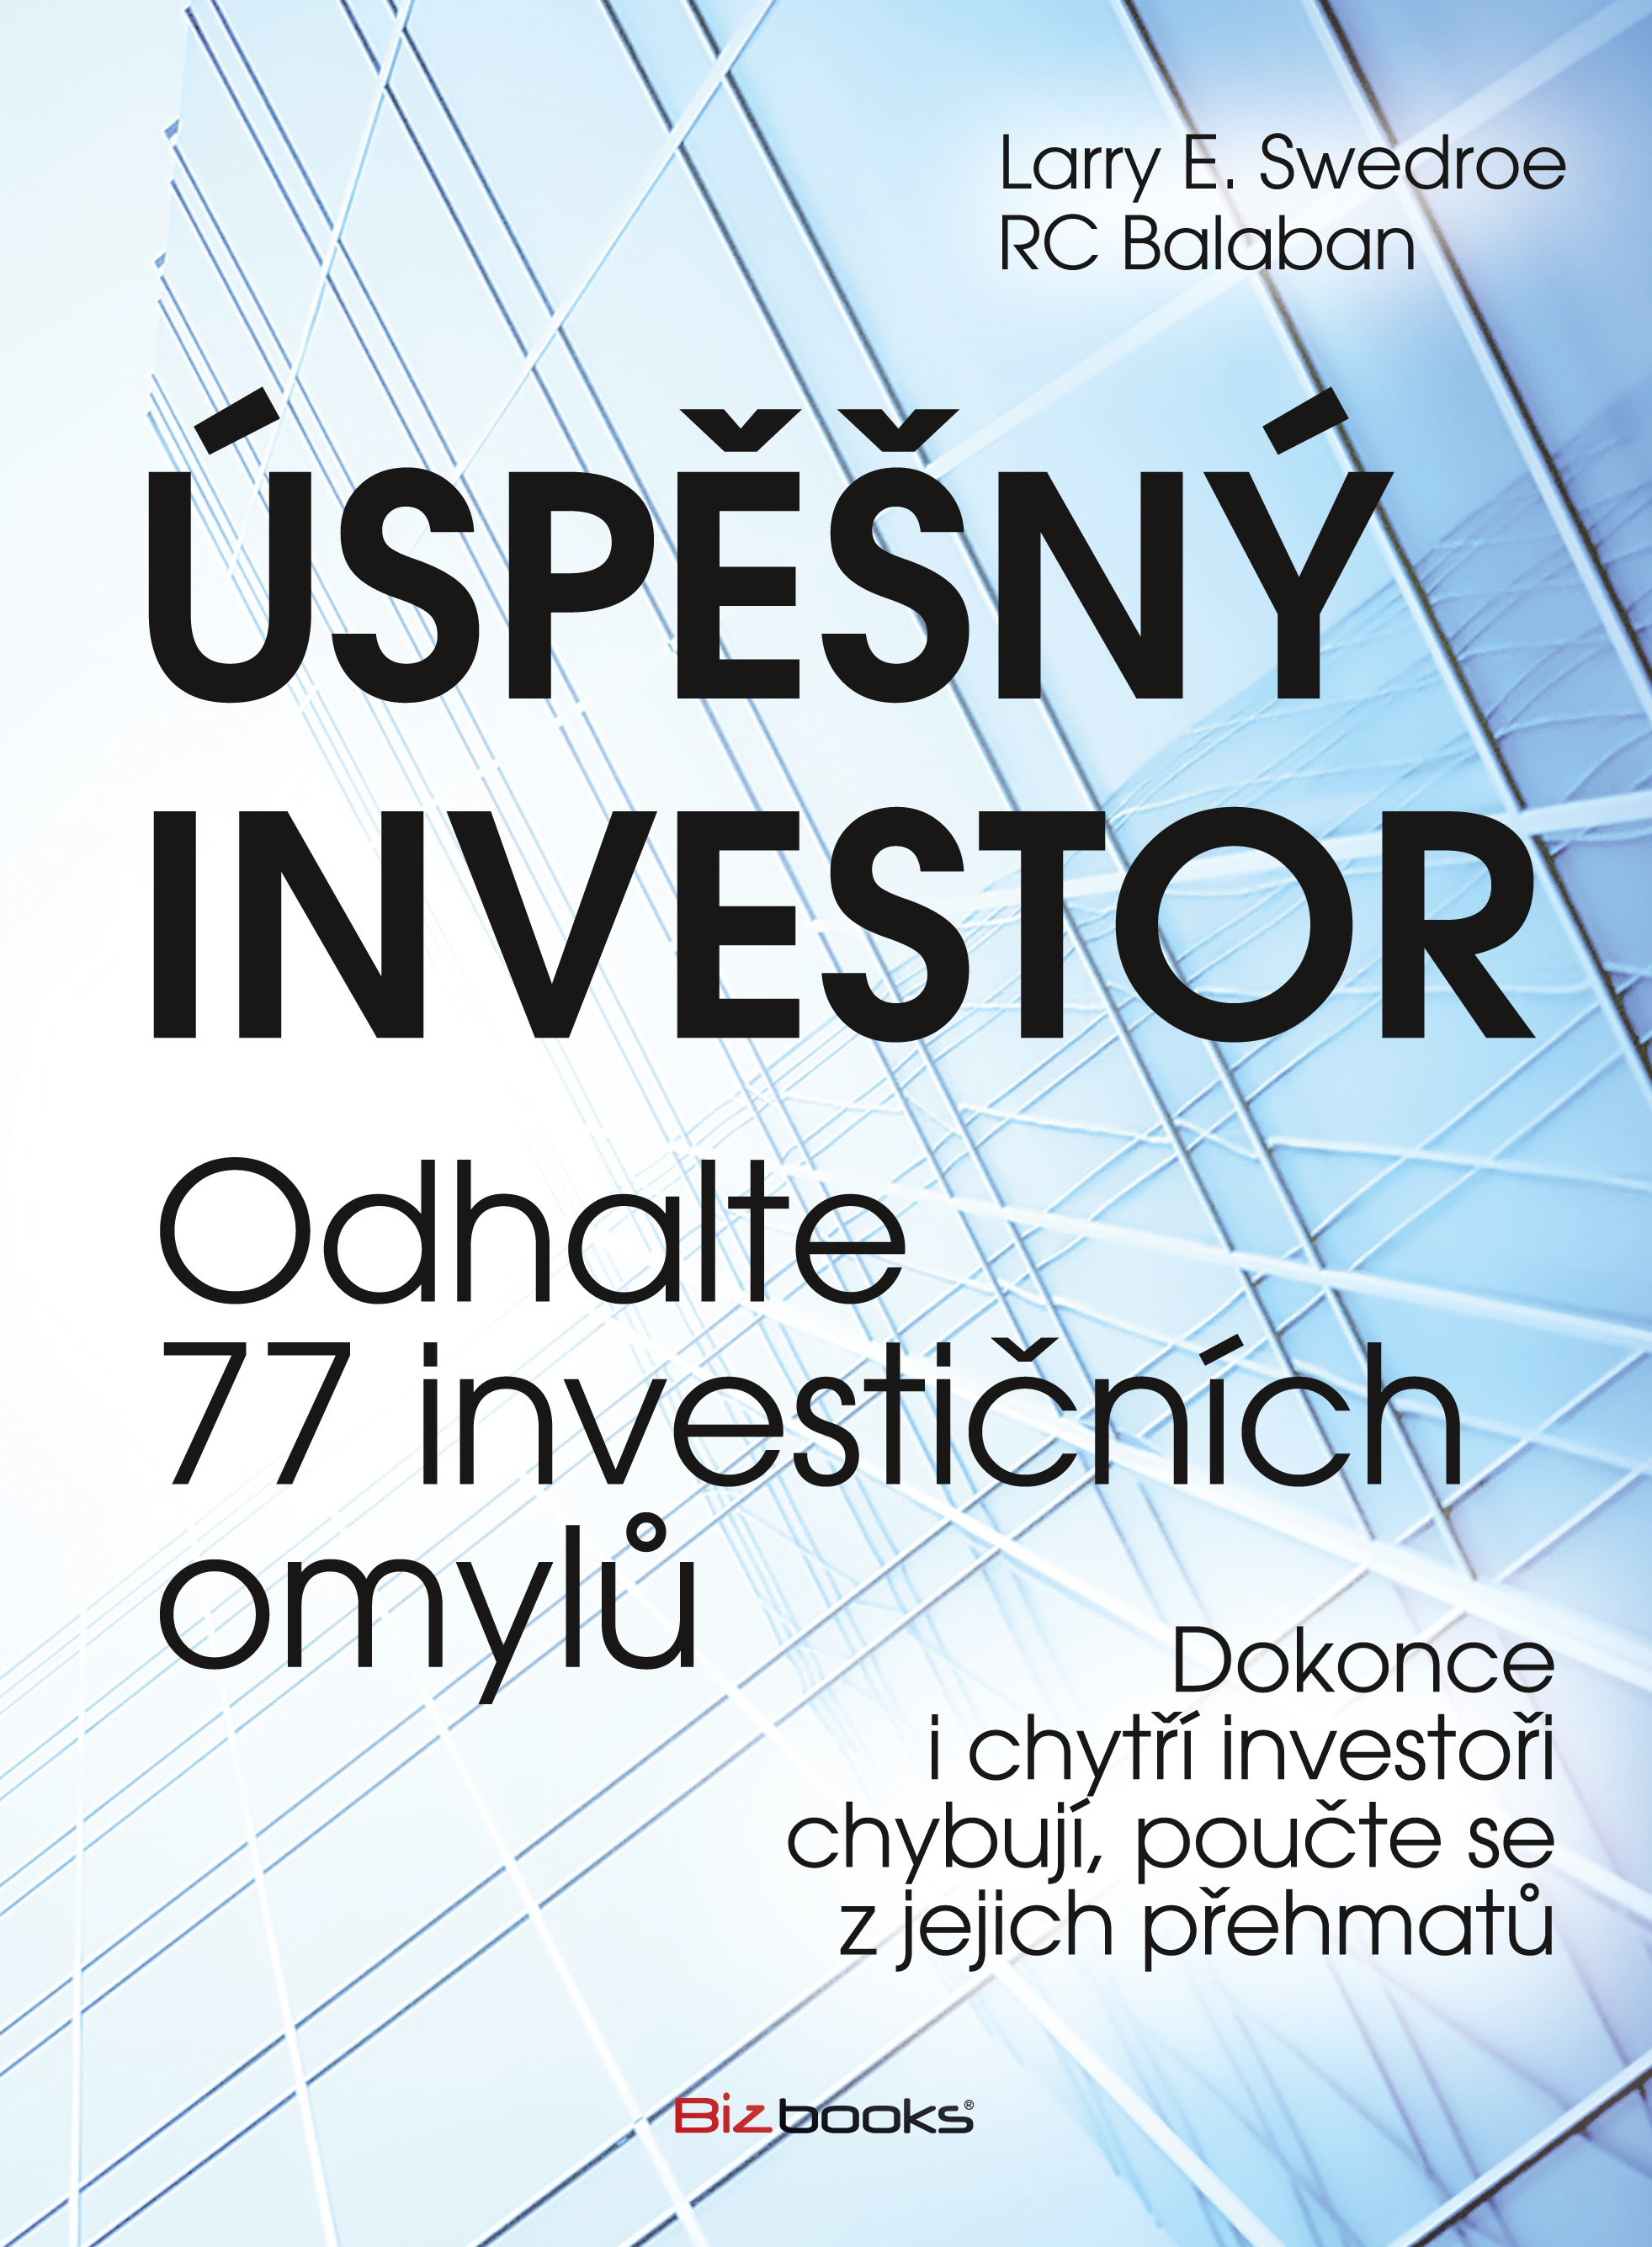 Úspěšný investor - Odhalte 77 investičních omylů - Larry E. Swedroe & RC Balaban